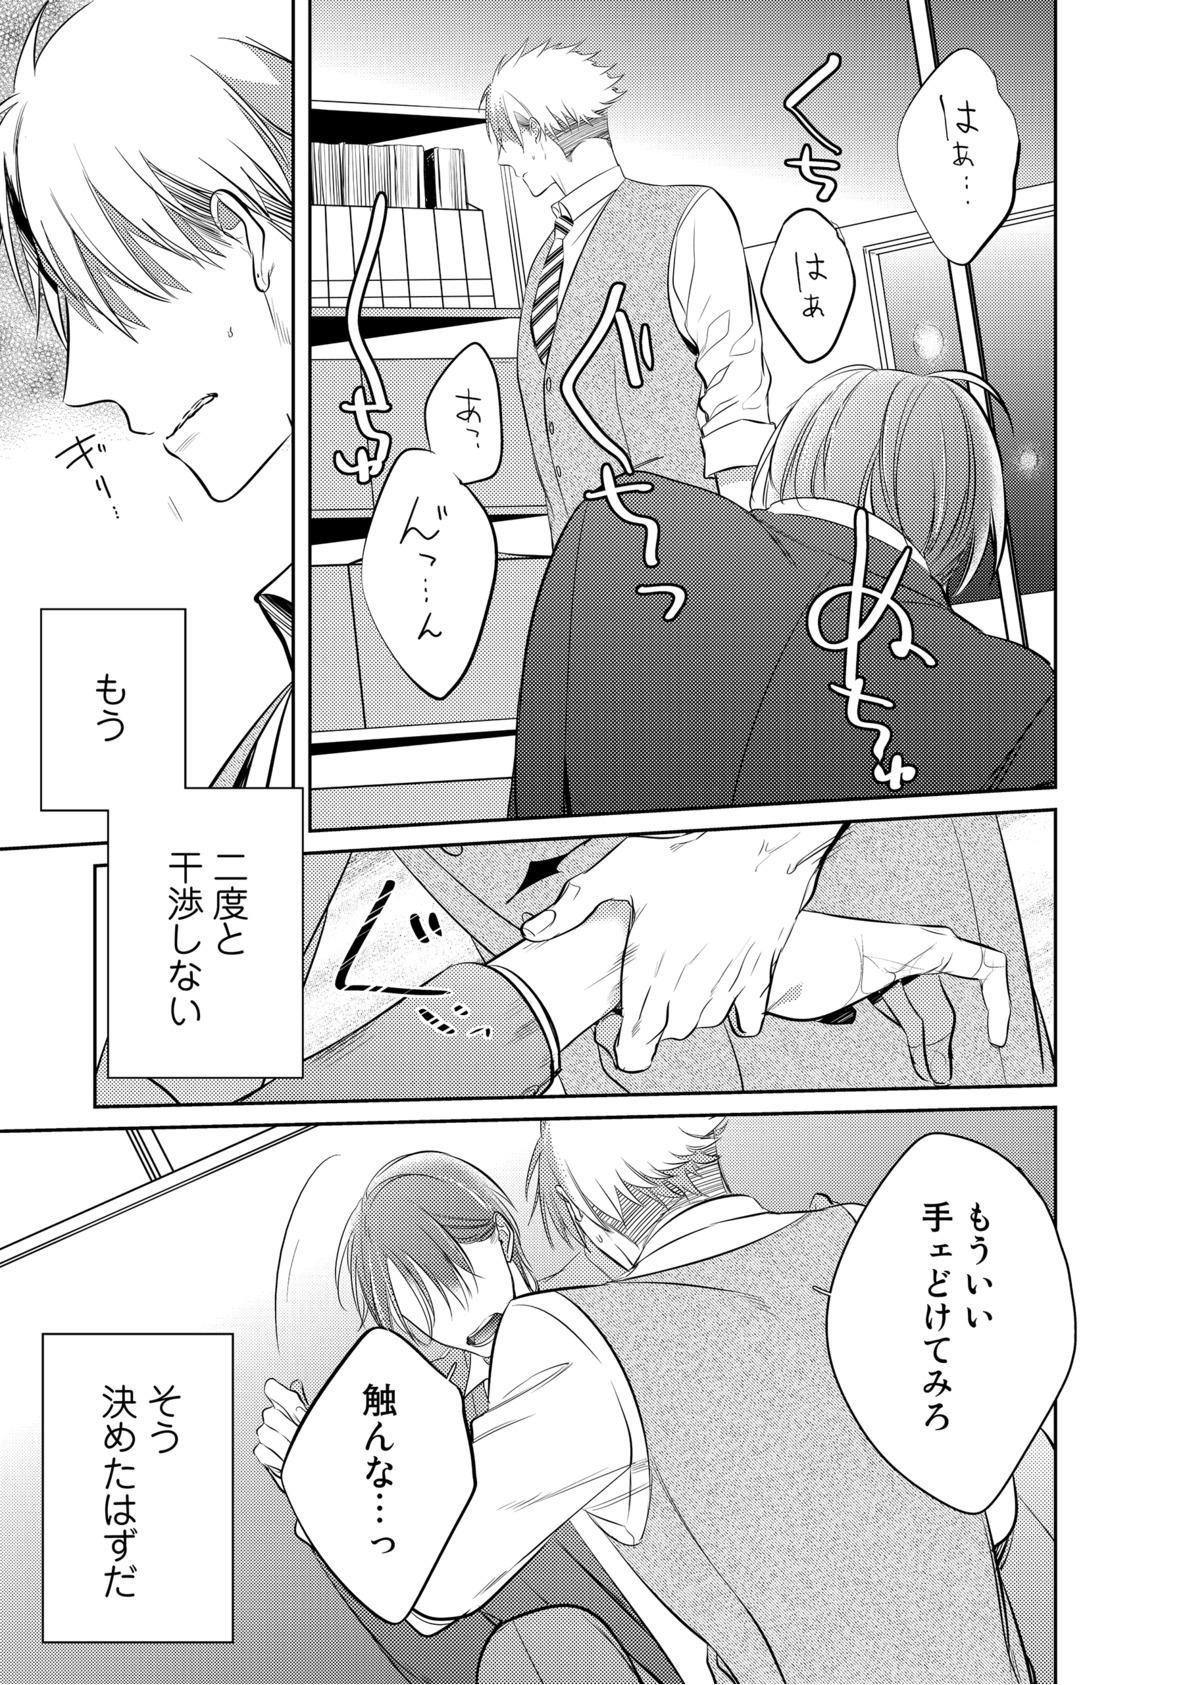 Kurui Naku no wa Boku no Ban ~ vol.2 28